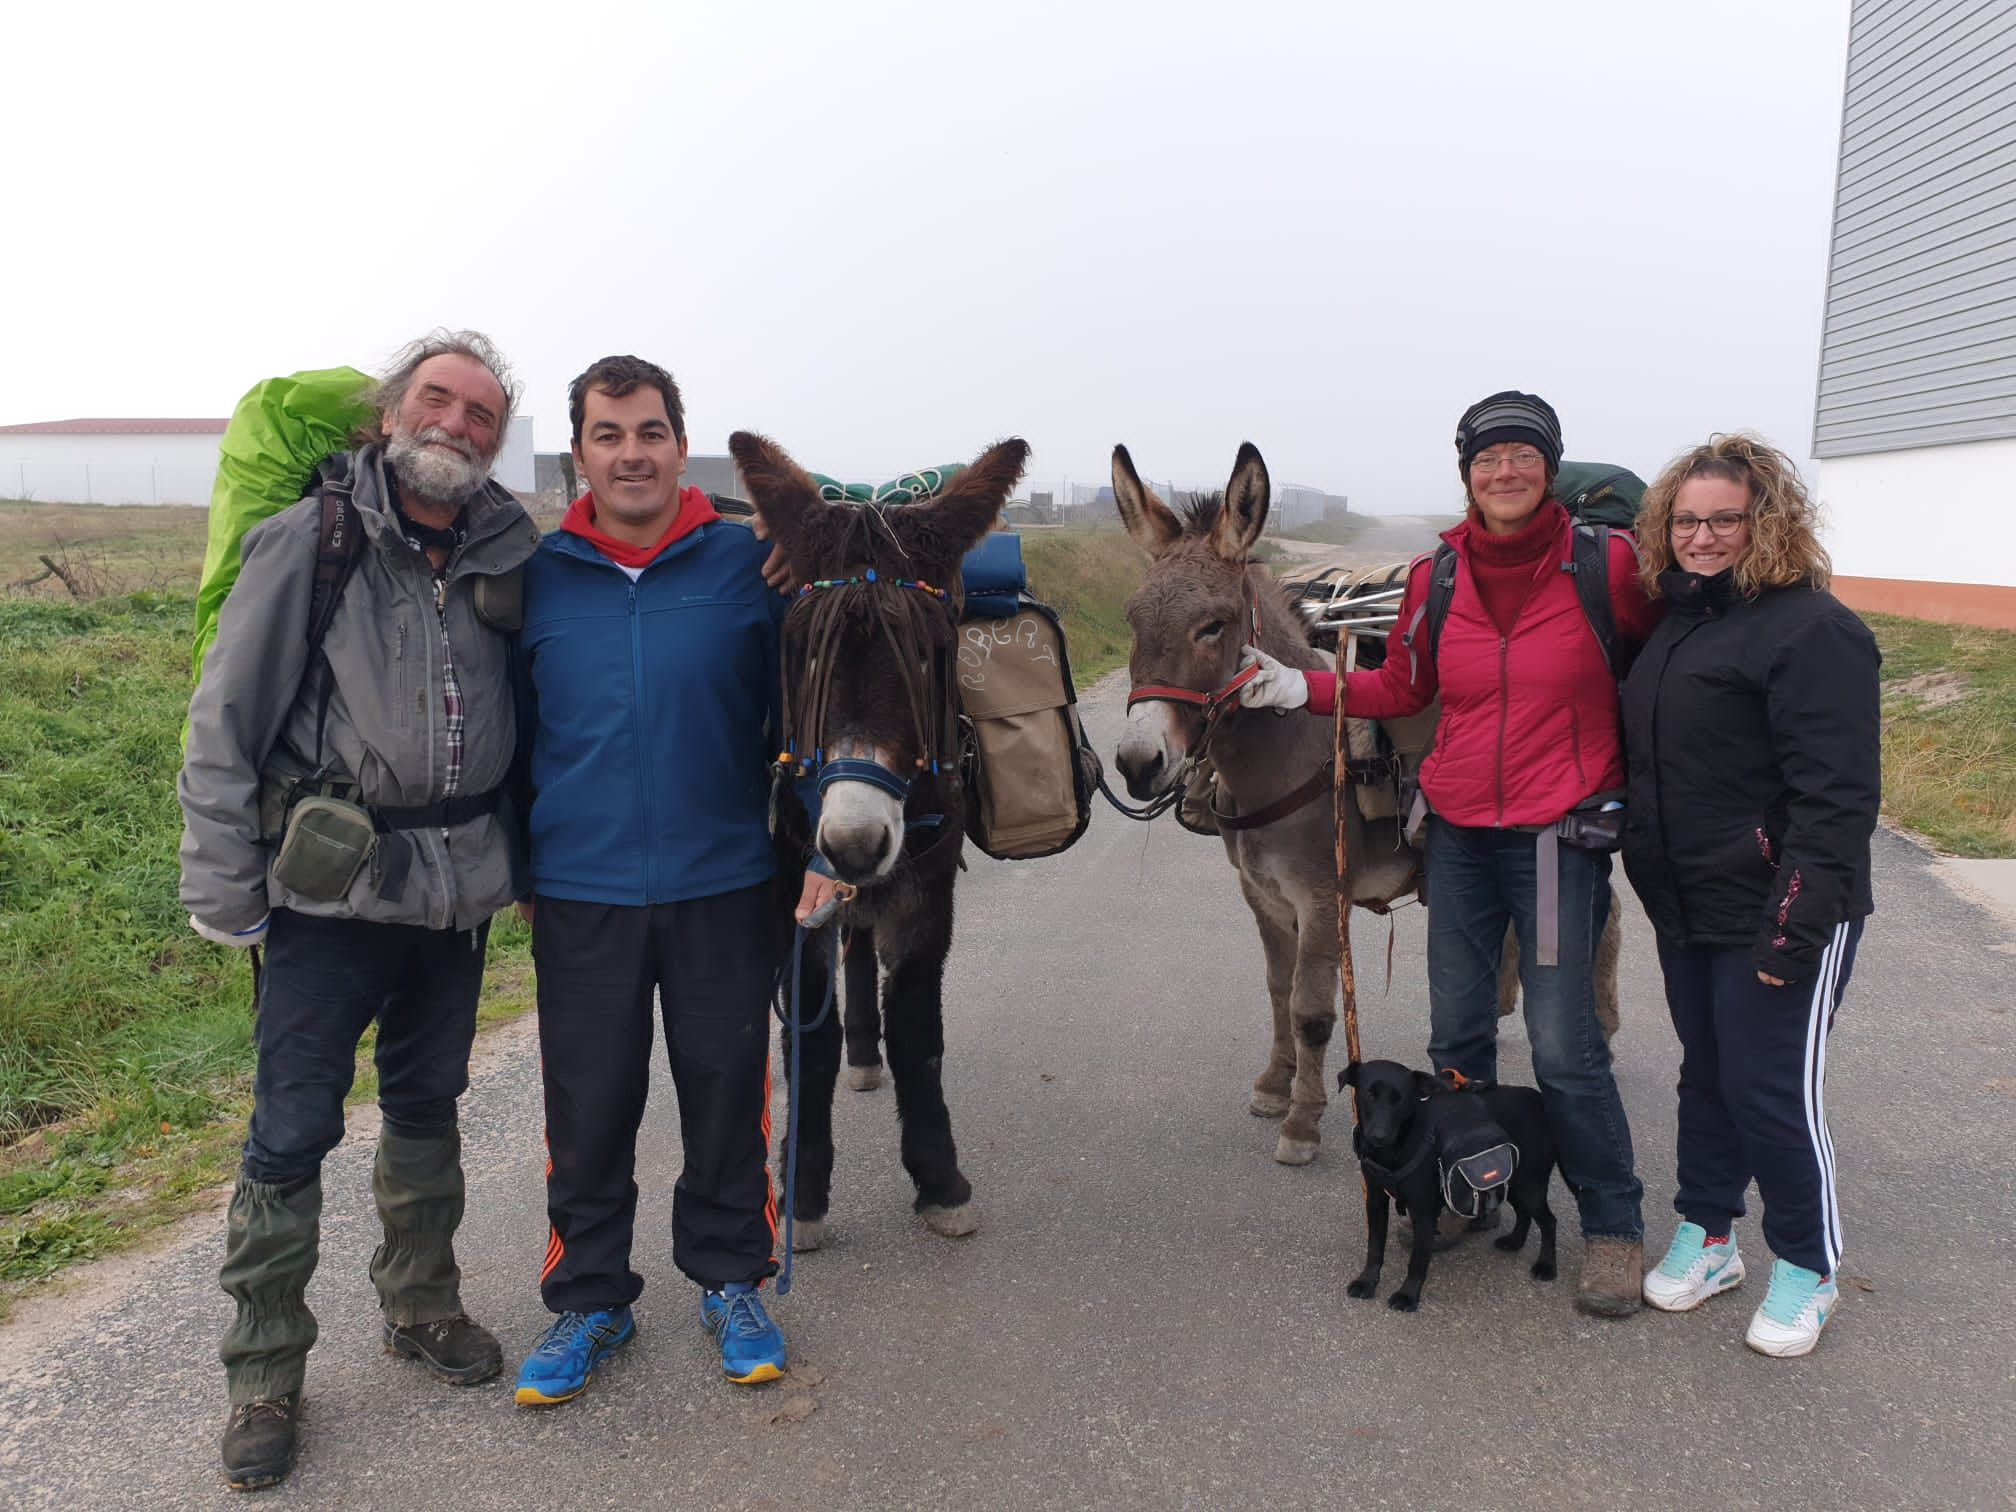 Santiago de la Puebla se vuelca con una pareja de franceses que recorre España en burro - Salamanca 24 Horas